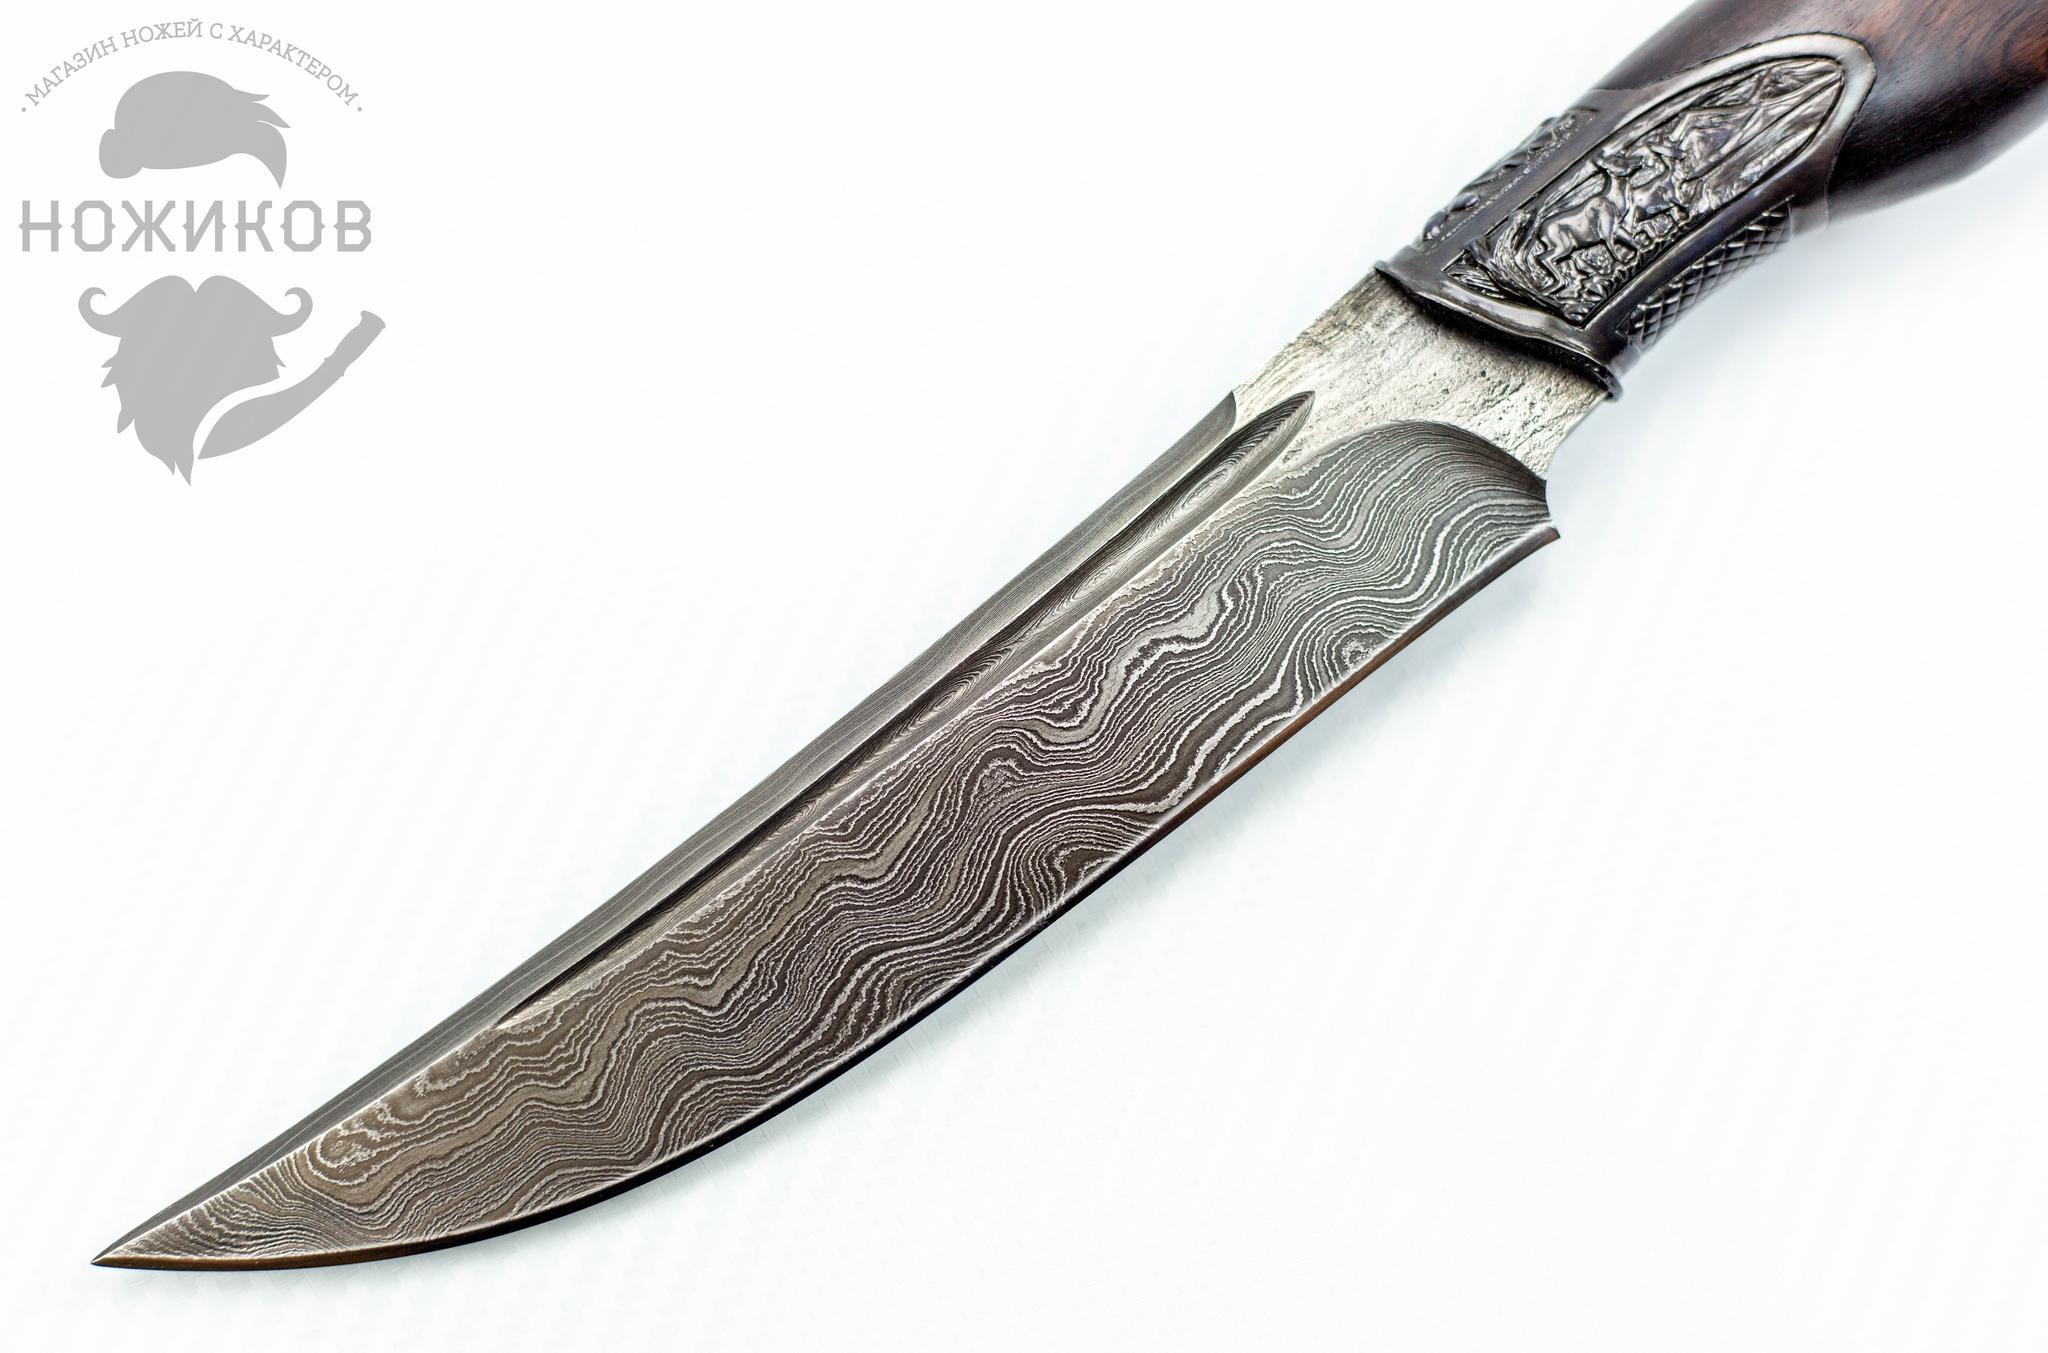 Фото 10 - Авторский Нож из Дамаска №51, Кизляр